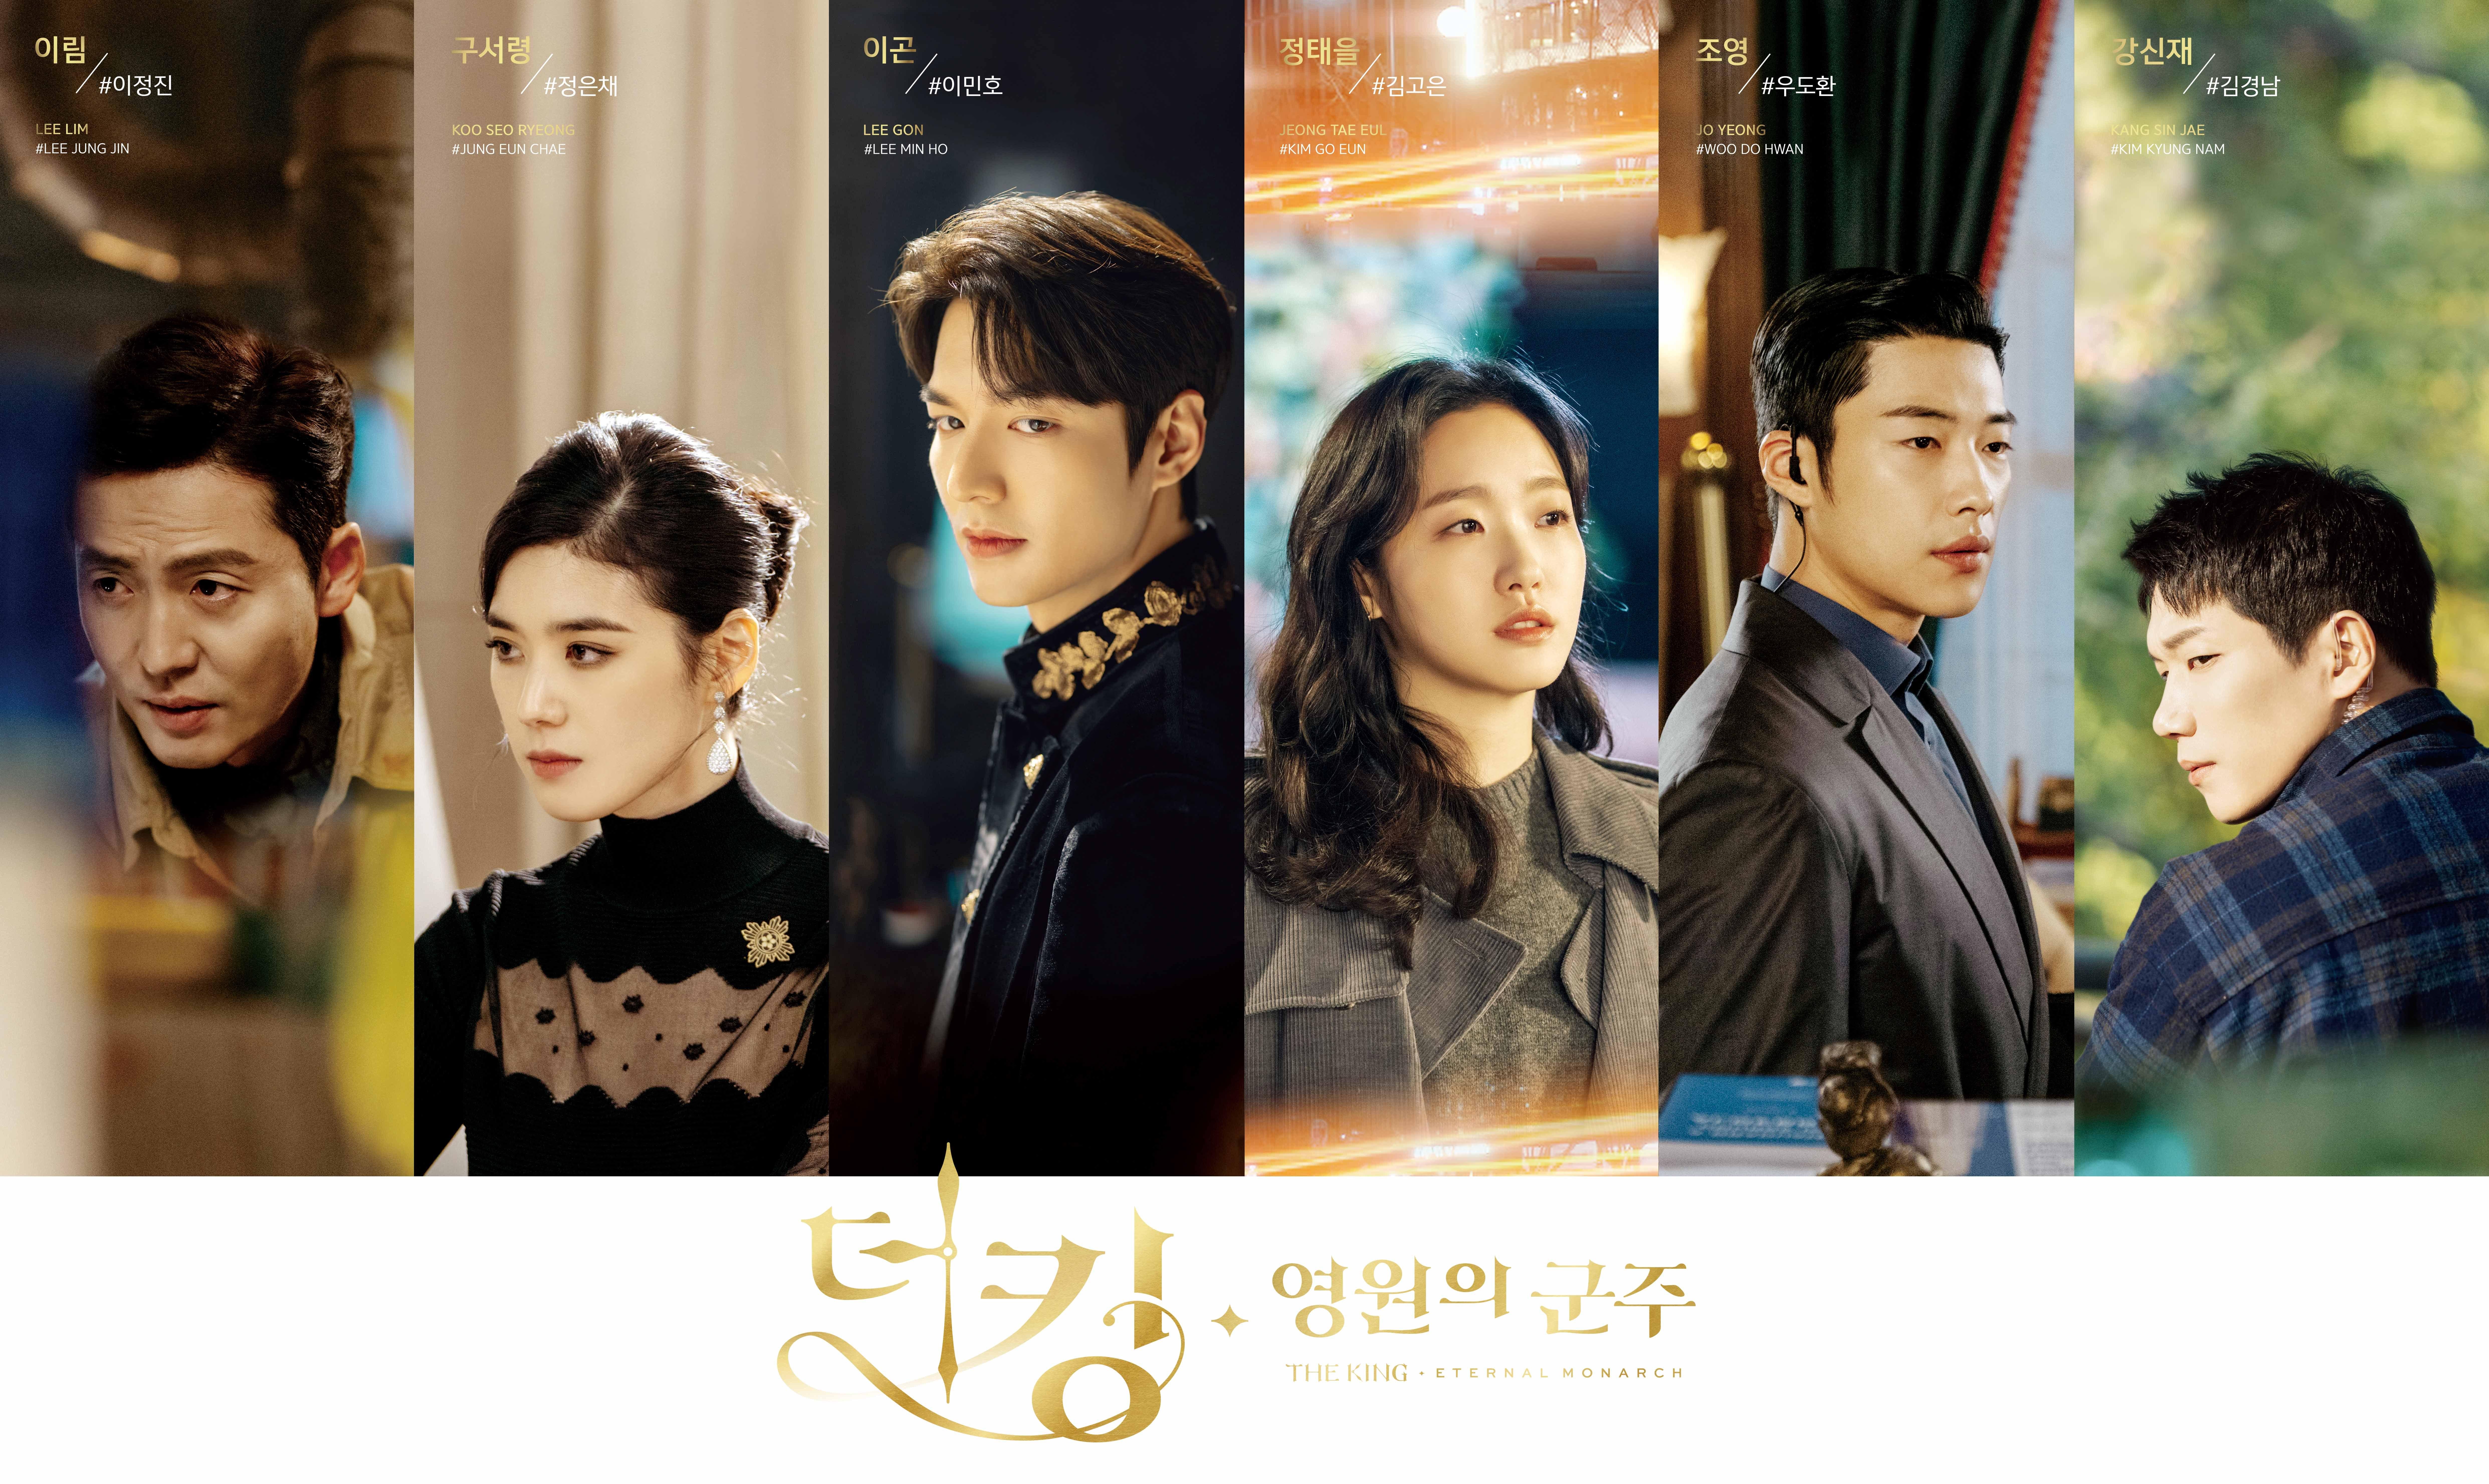 收视创新低!韩剧《国王:永远的君主》广告植入太生硬,引网友吐槽:这是电视剧还是购物广告?插图